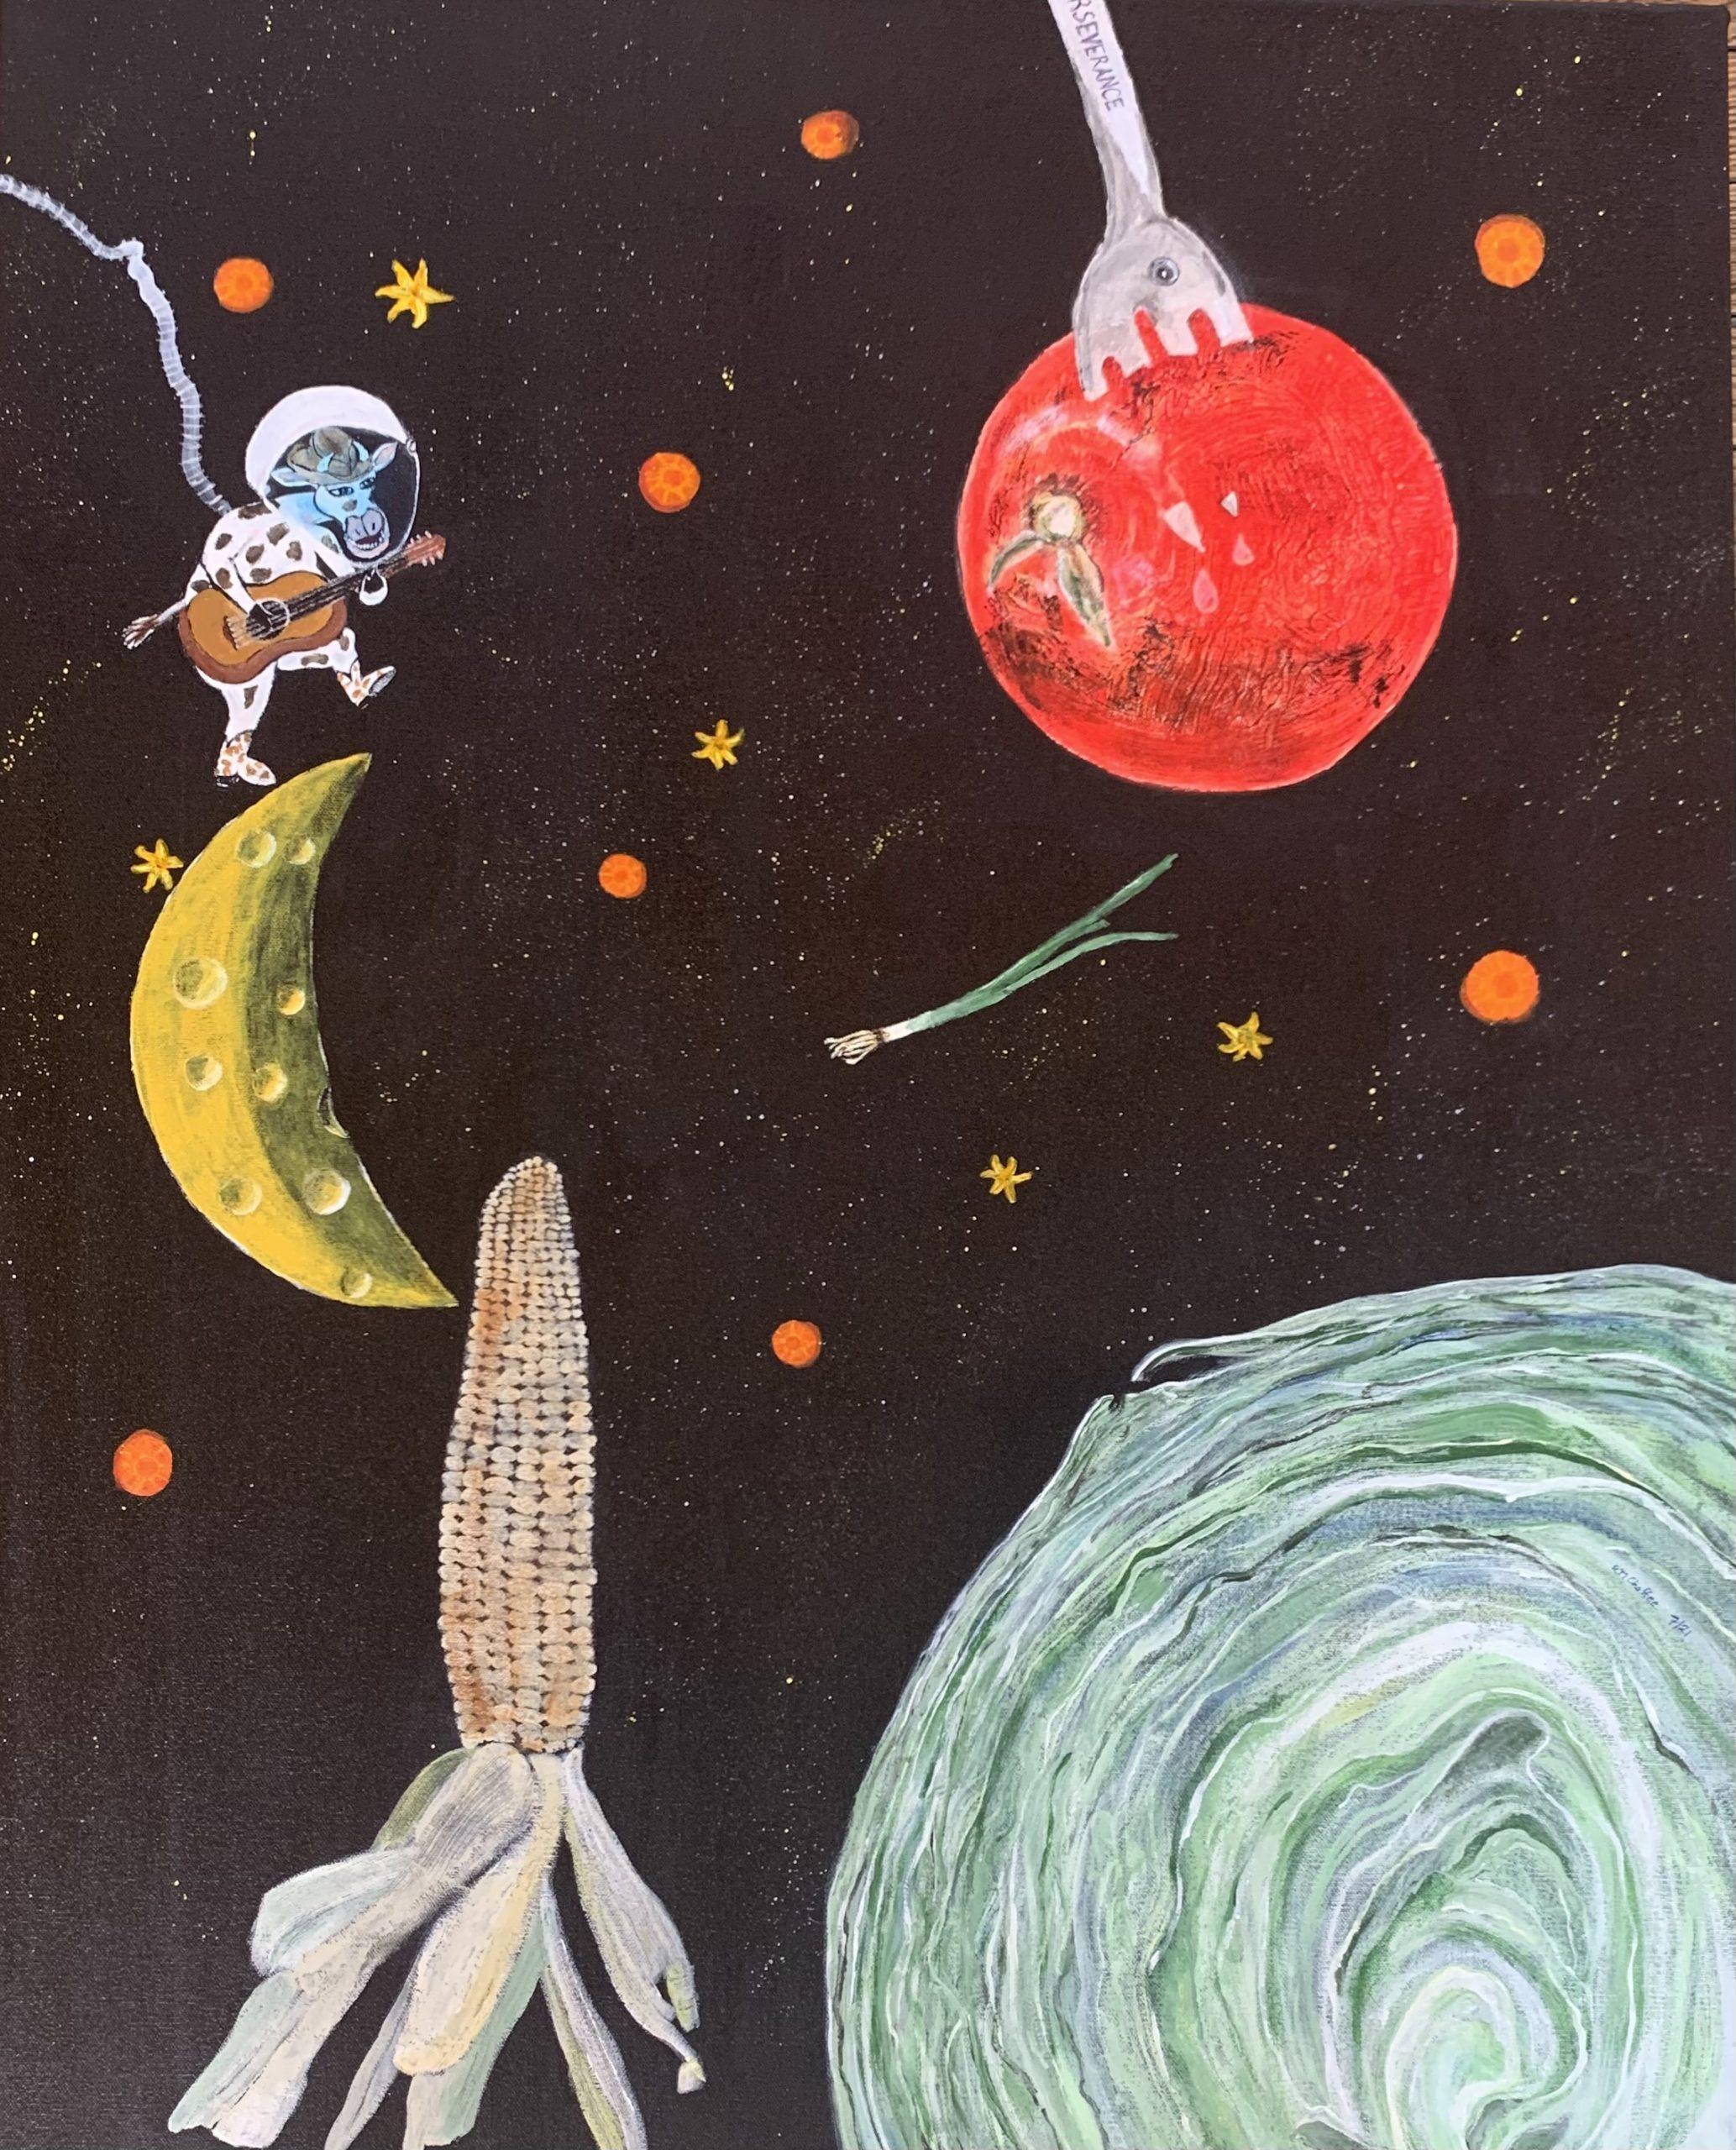 Artist #15 - Mission Accomplished: Veggie-tation on Mars